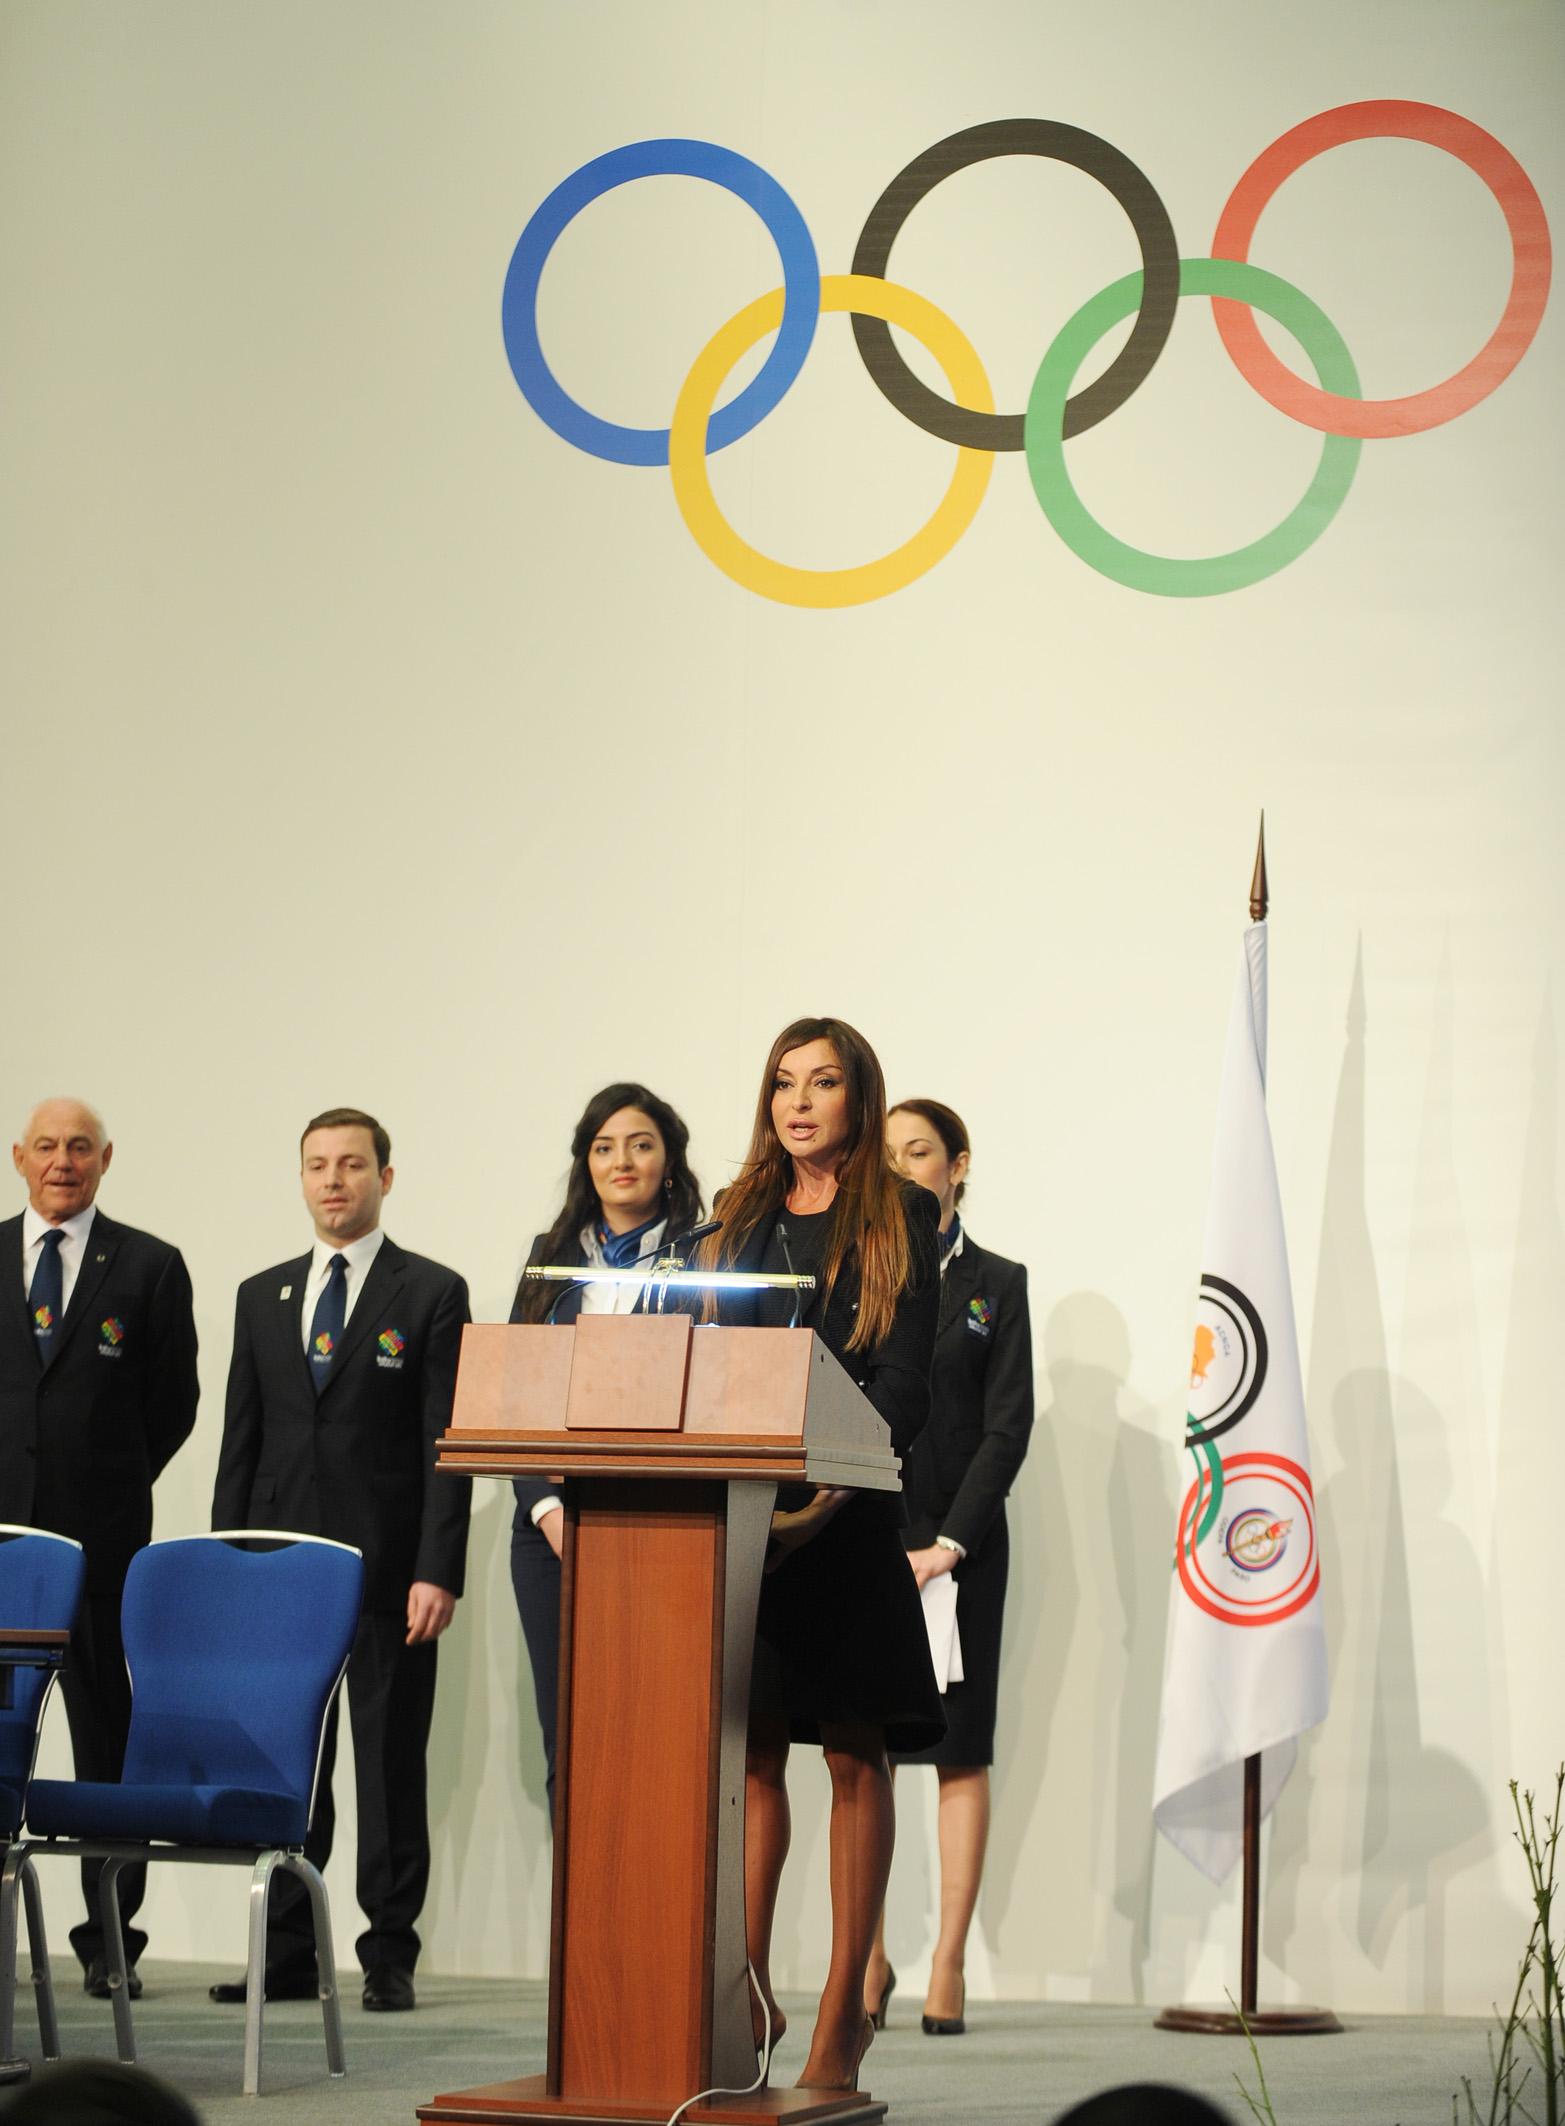 Baku 2020_present_to_ANOC_April_14_2012